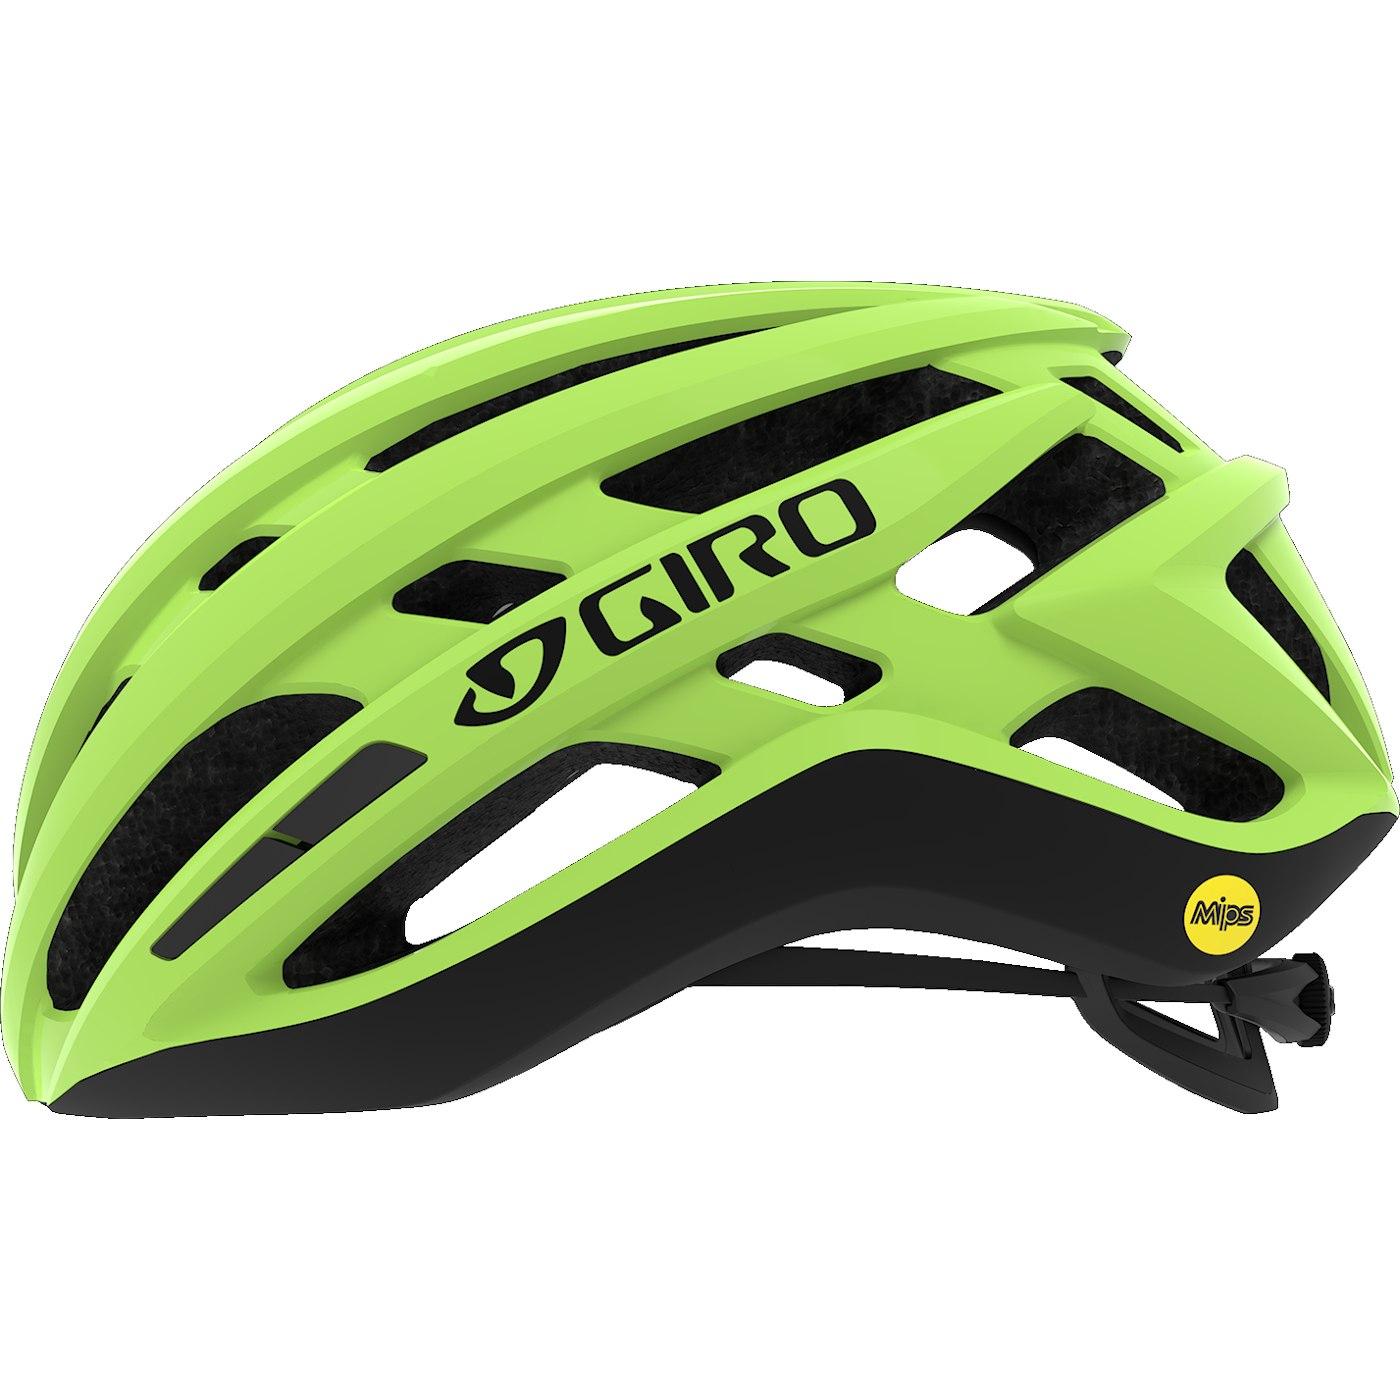 Giro Agilis MIPS Fahrrad Helm - Bestpreis!